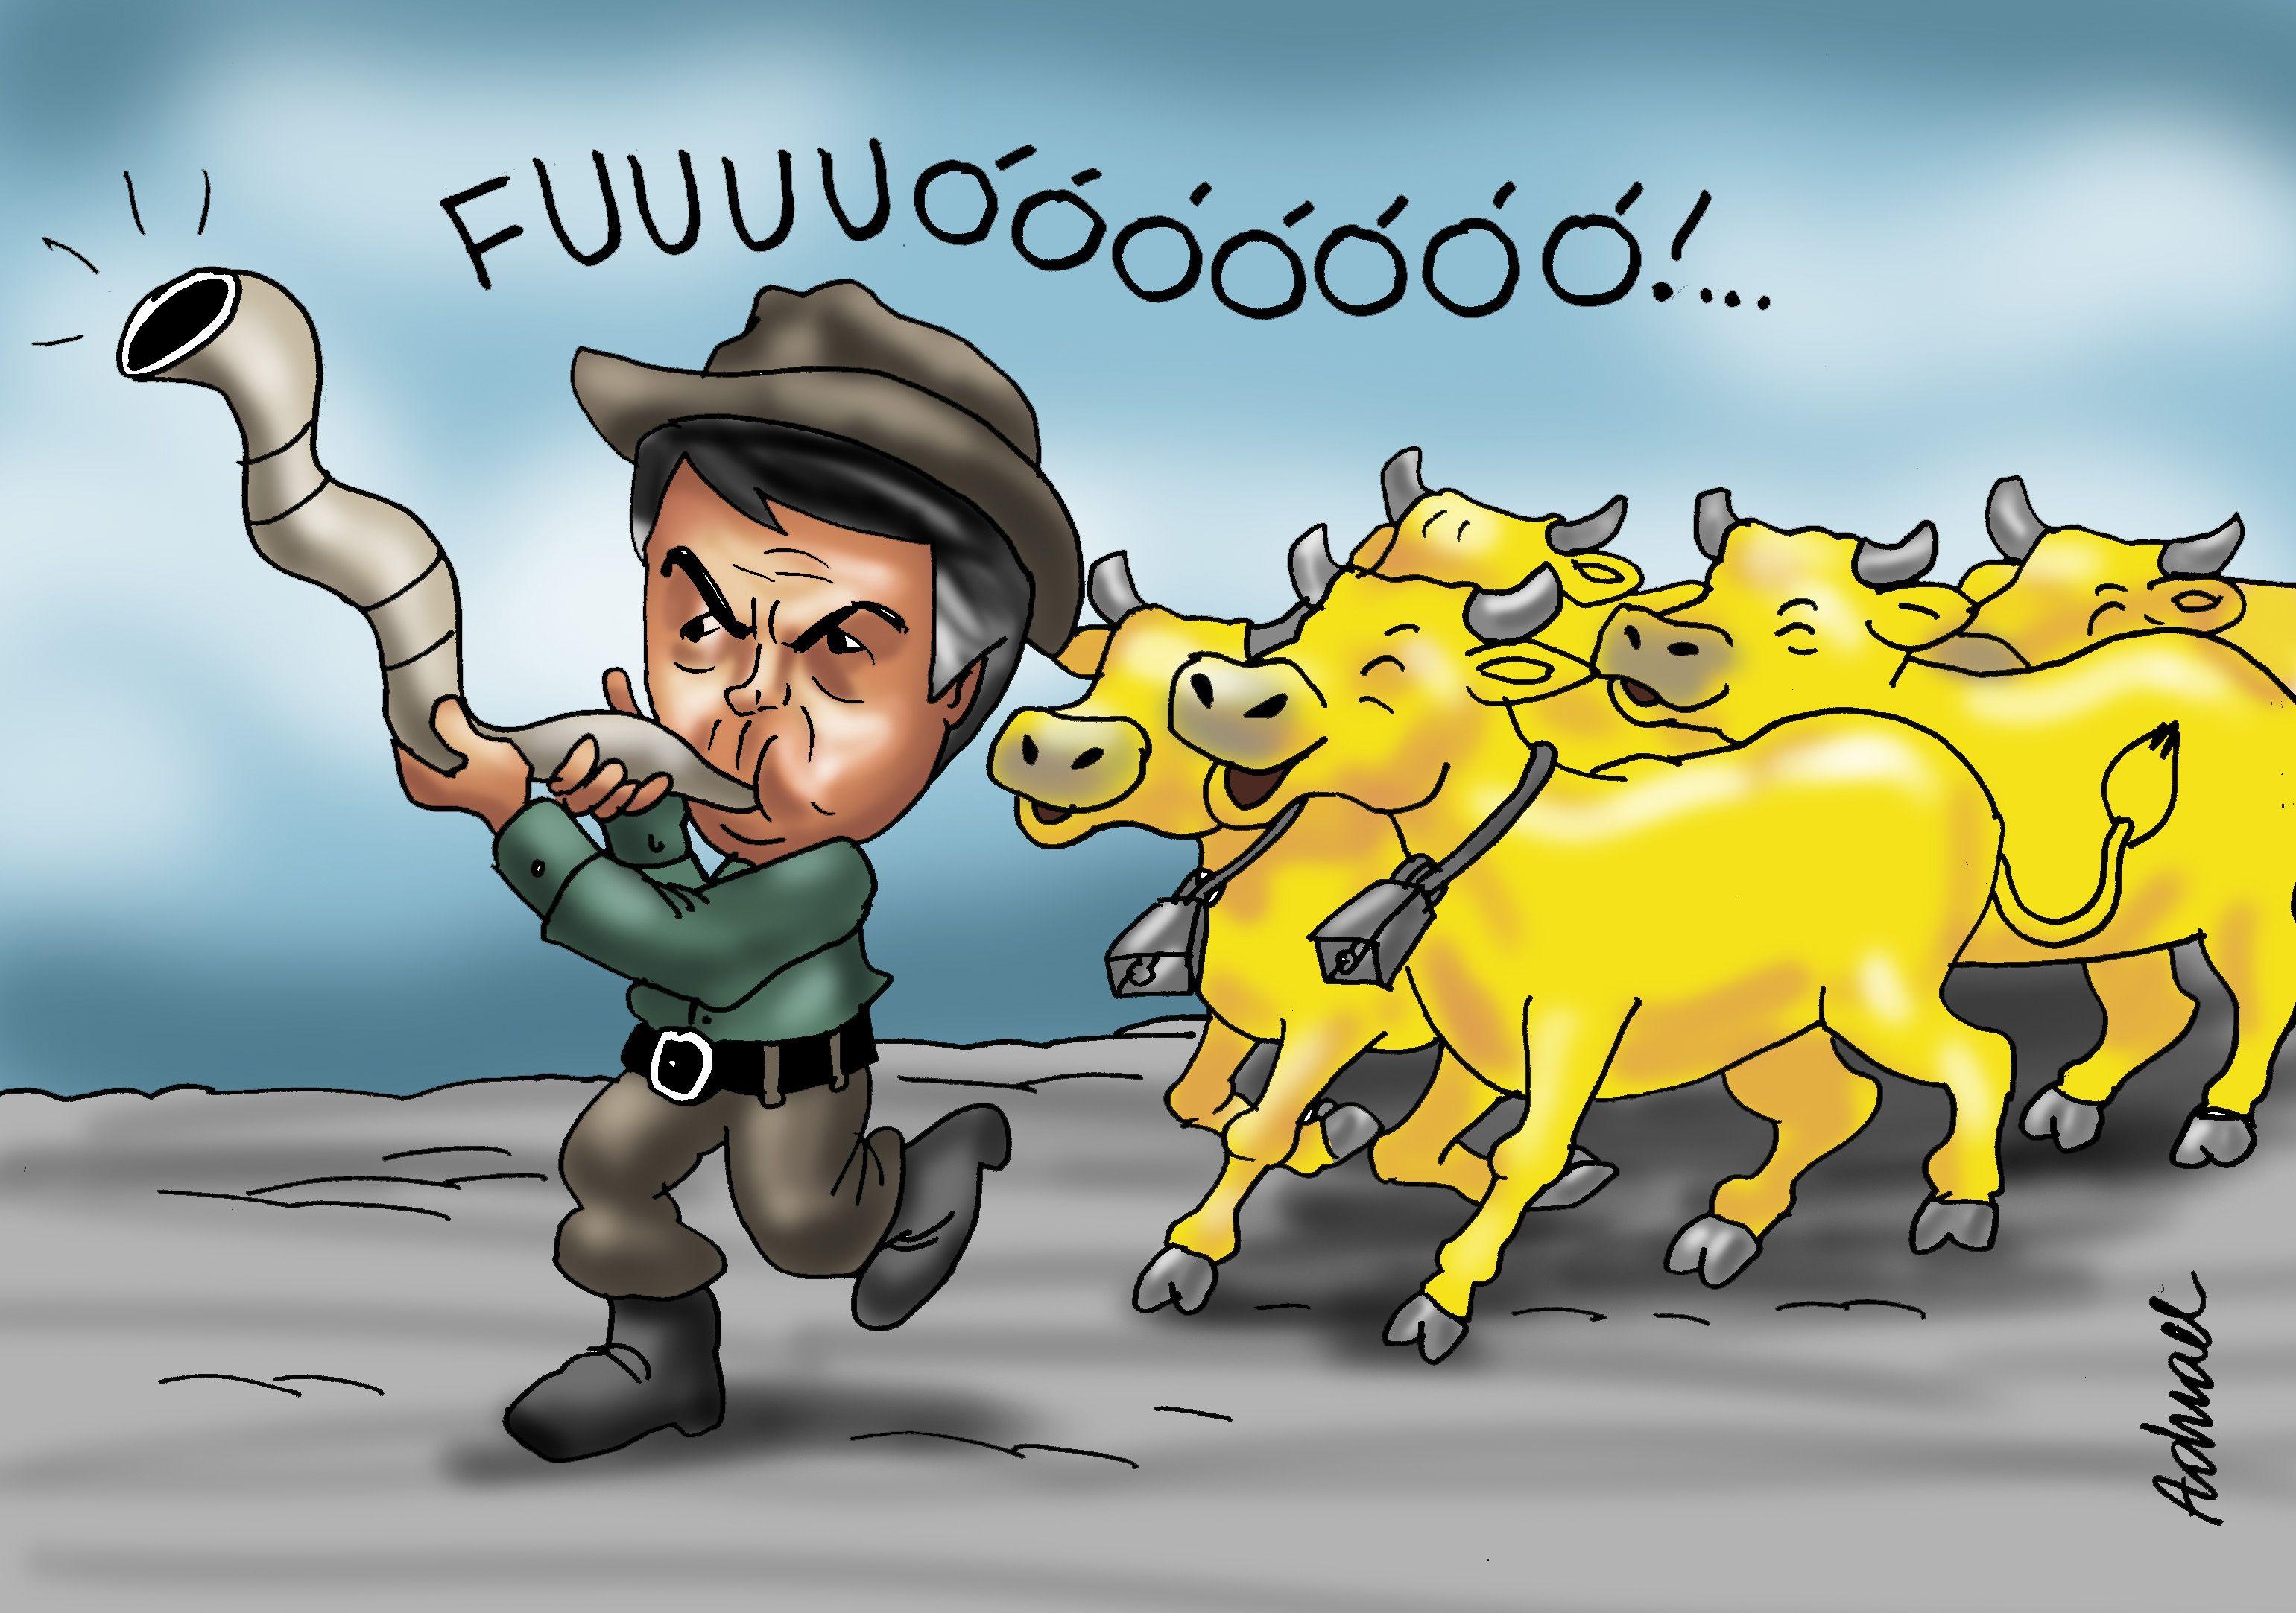 Pin de Adnael Silva em Charges | Memes políticos, Cães divertidos, Piadas